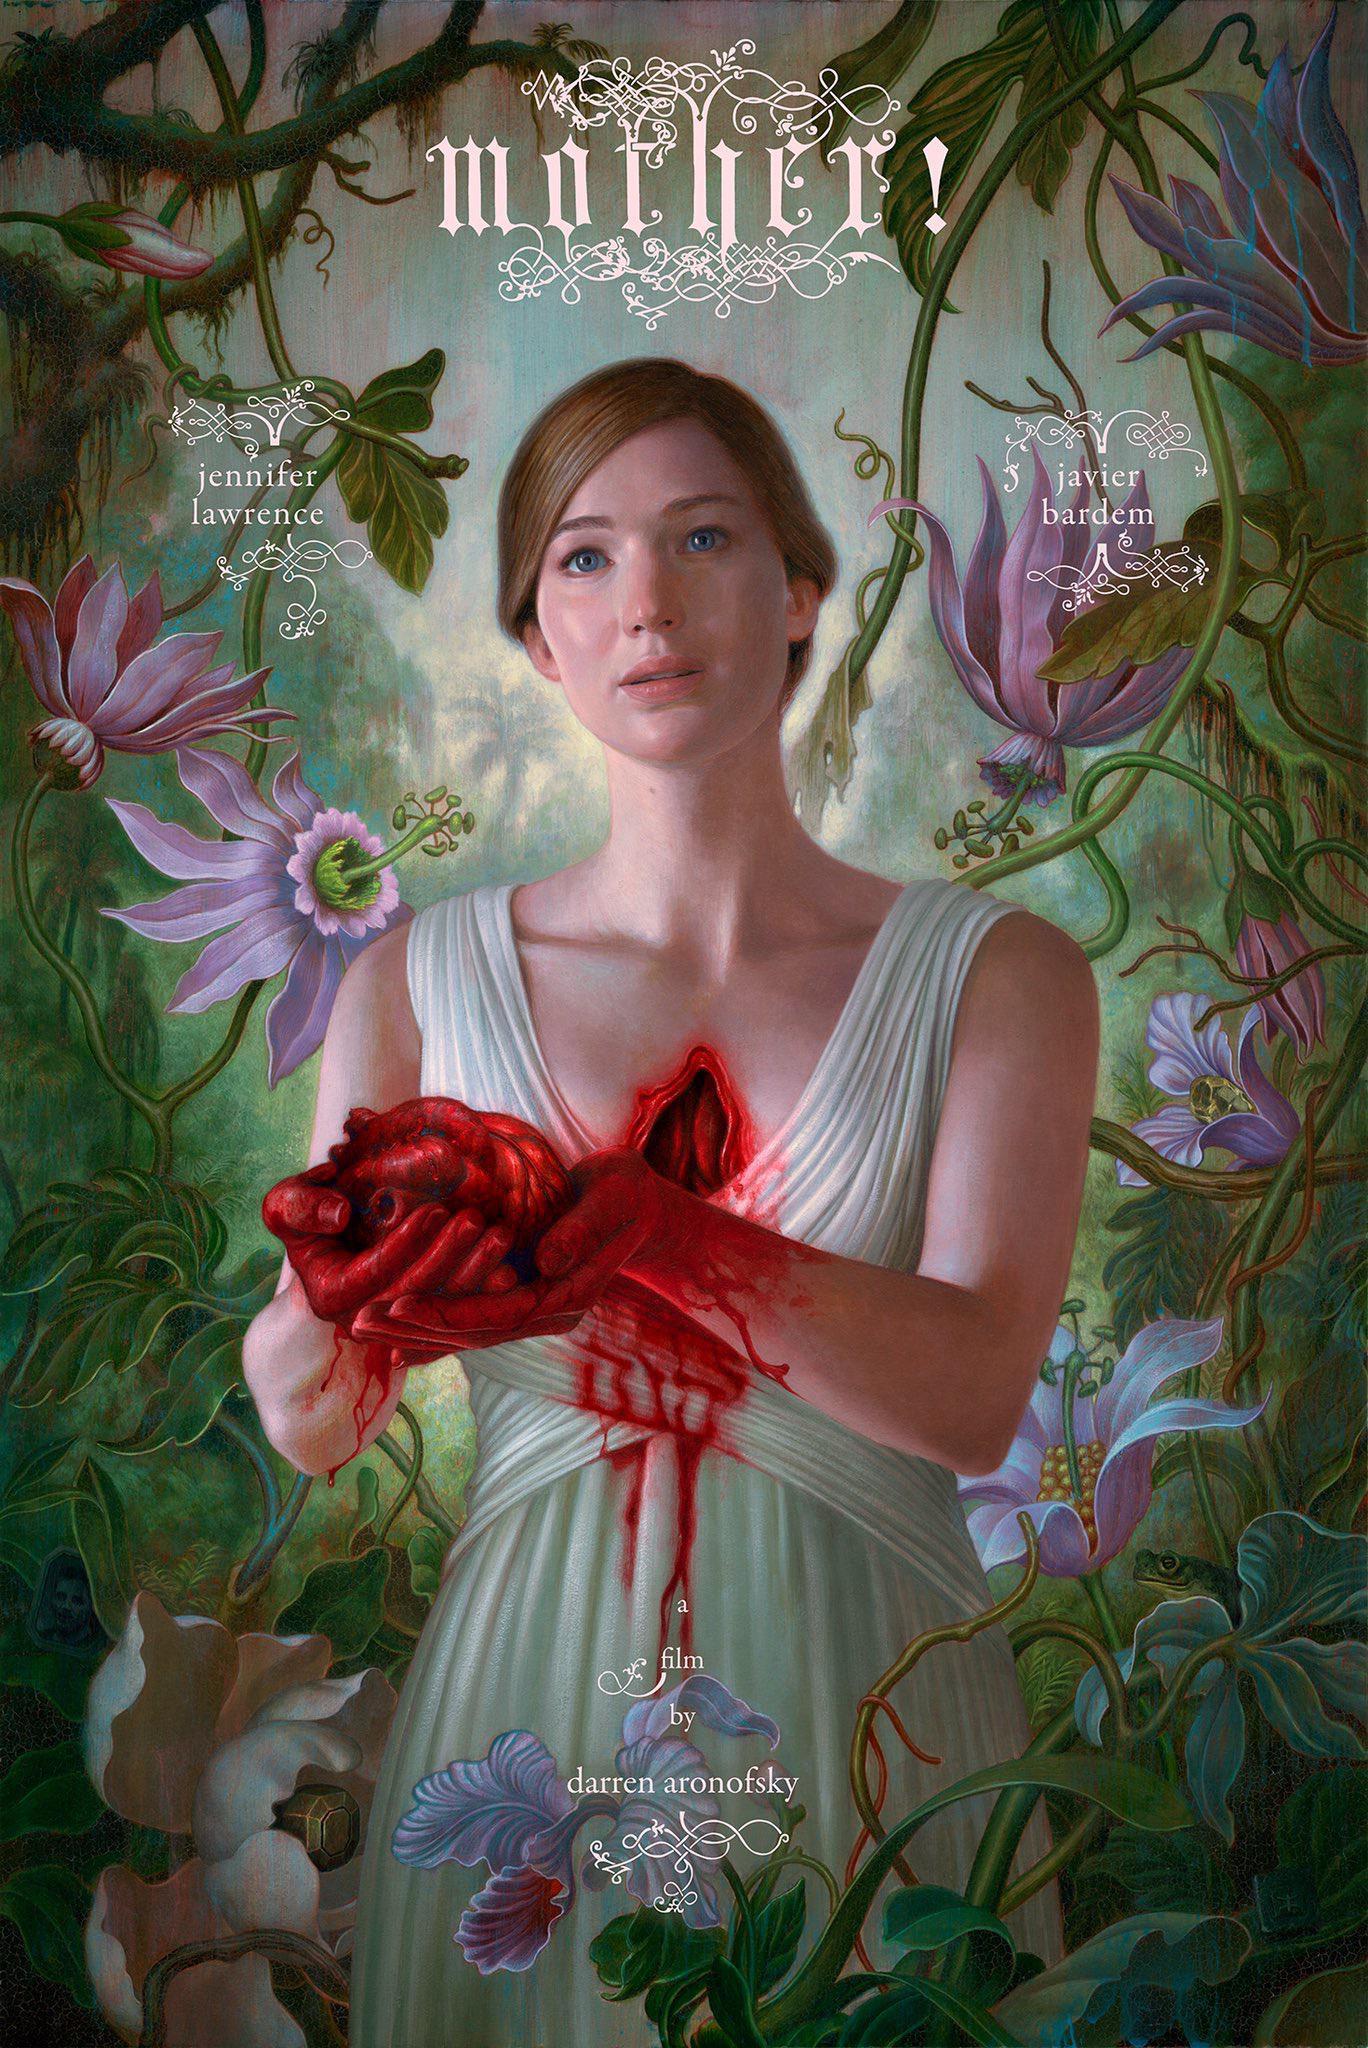 达伦·阿罗诺夫斯基《母亲》曝新预告 詹妮弗·劳伦斯掏出自己心脏